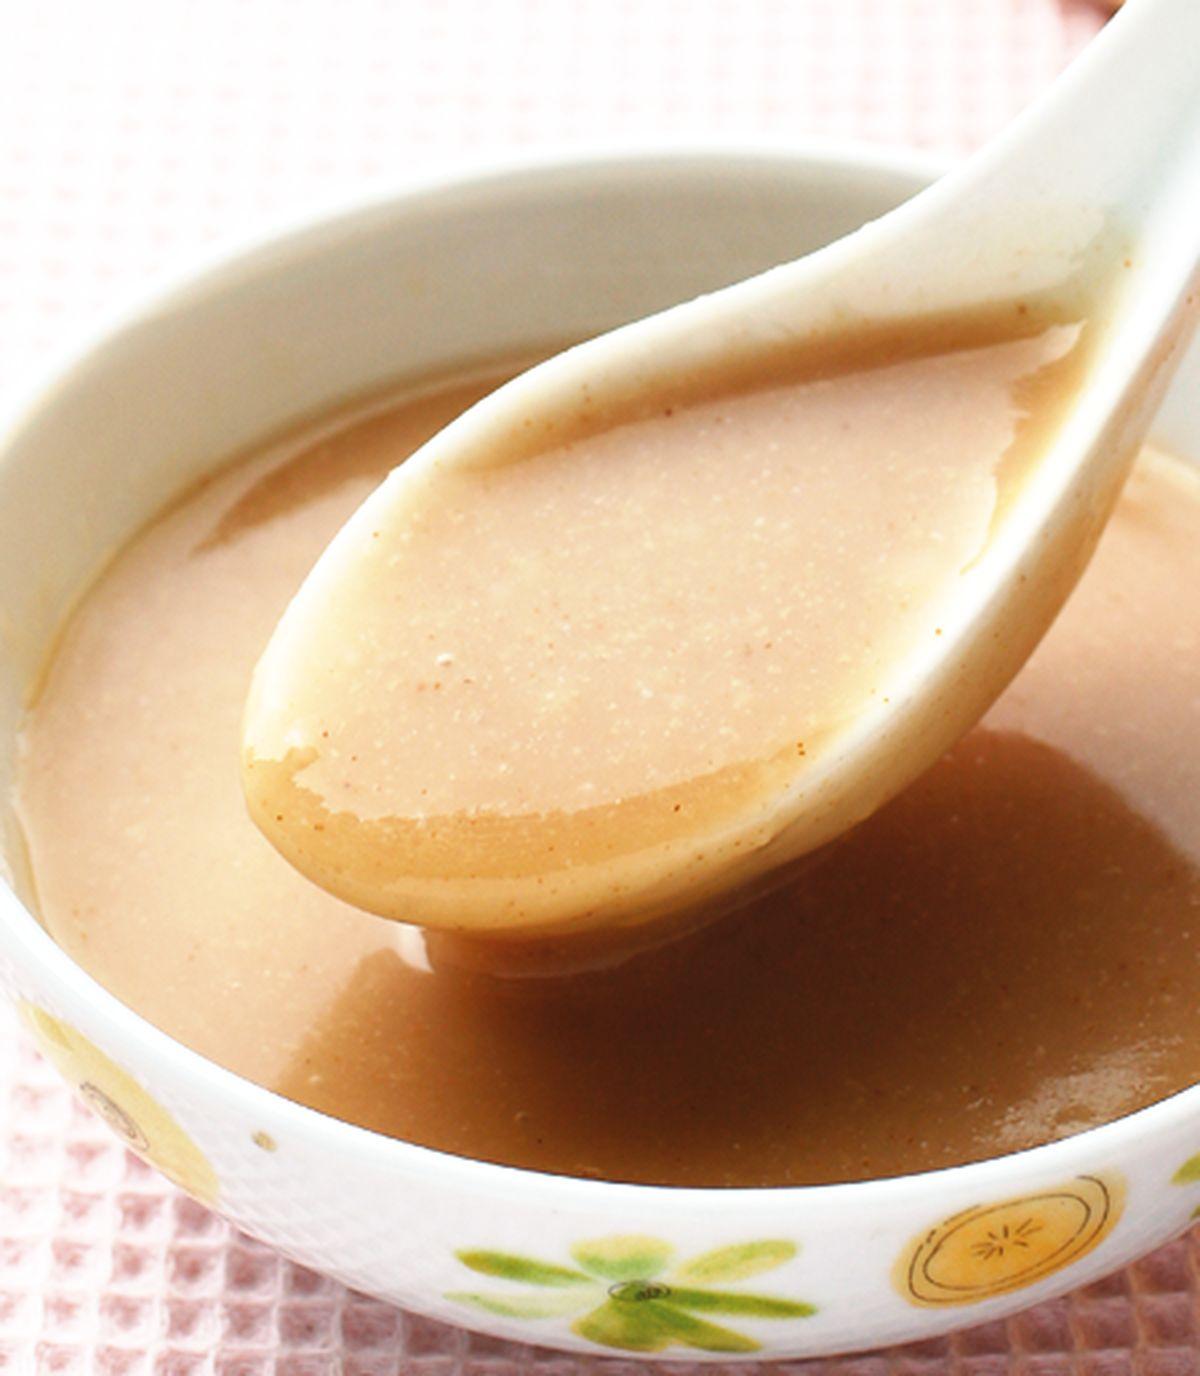 食譜:糙米漿